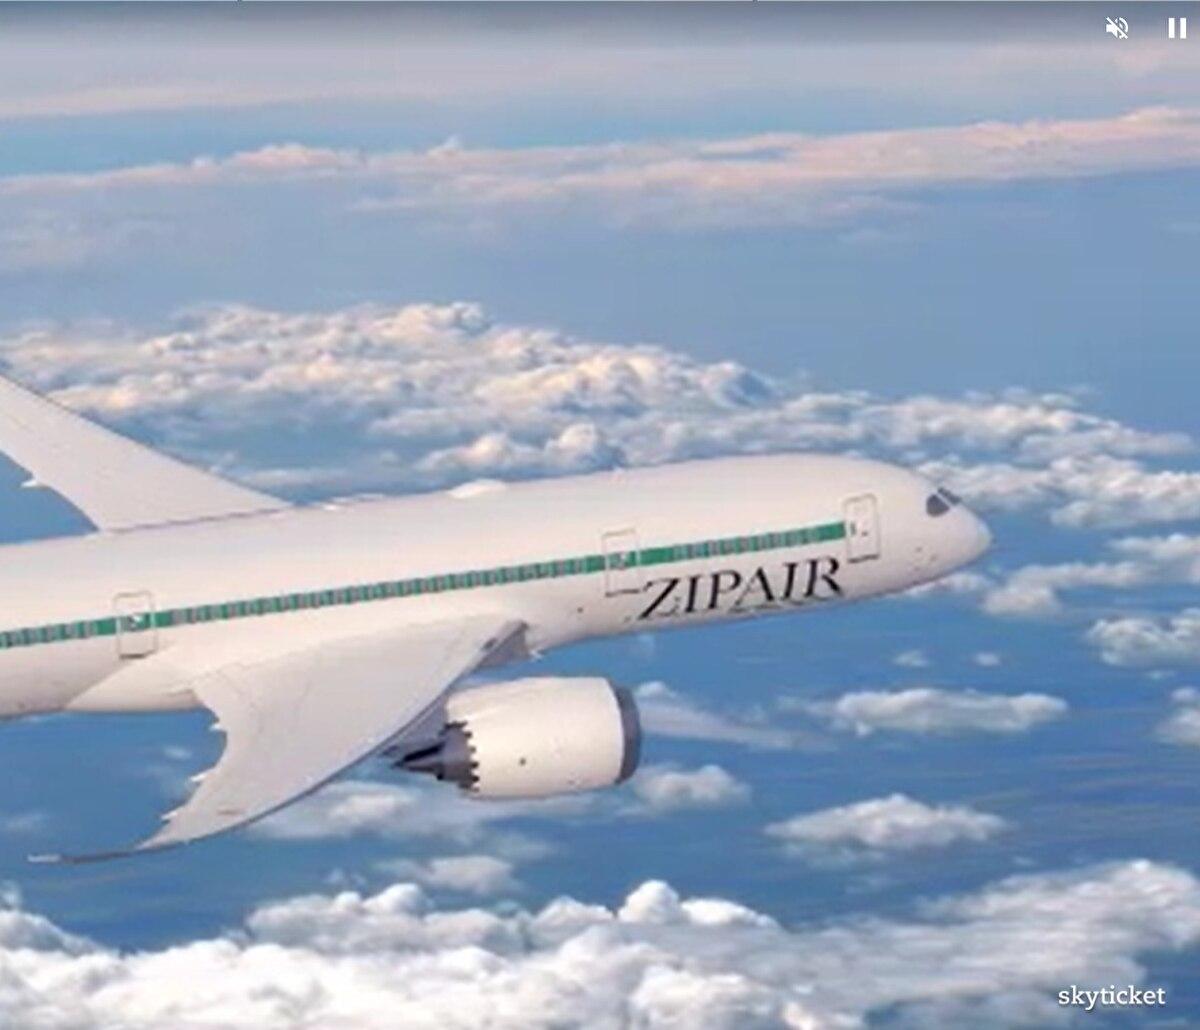 新規就航!ZIPAIRをスカイチケットが特徴を紹介!